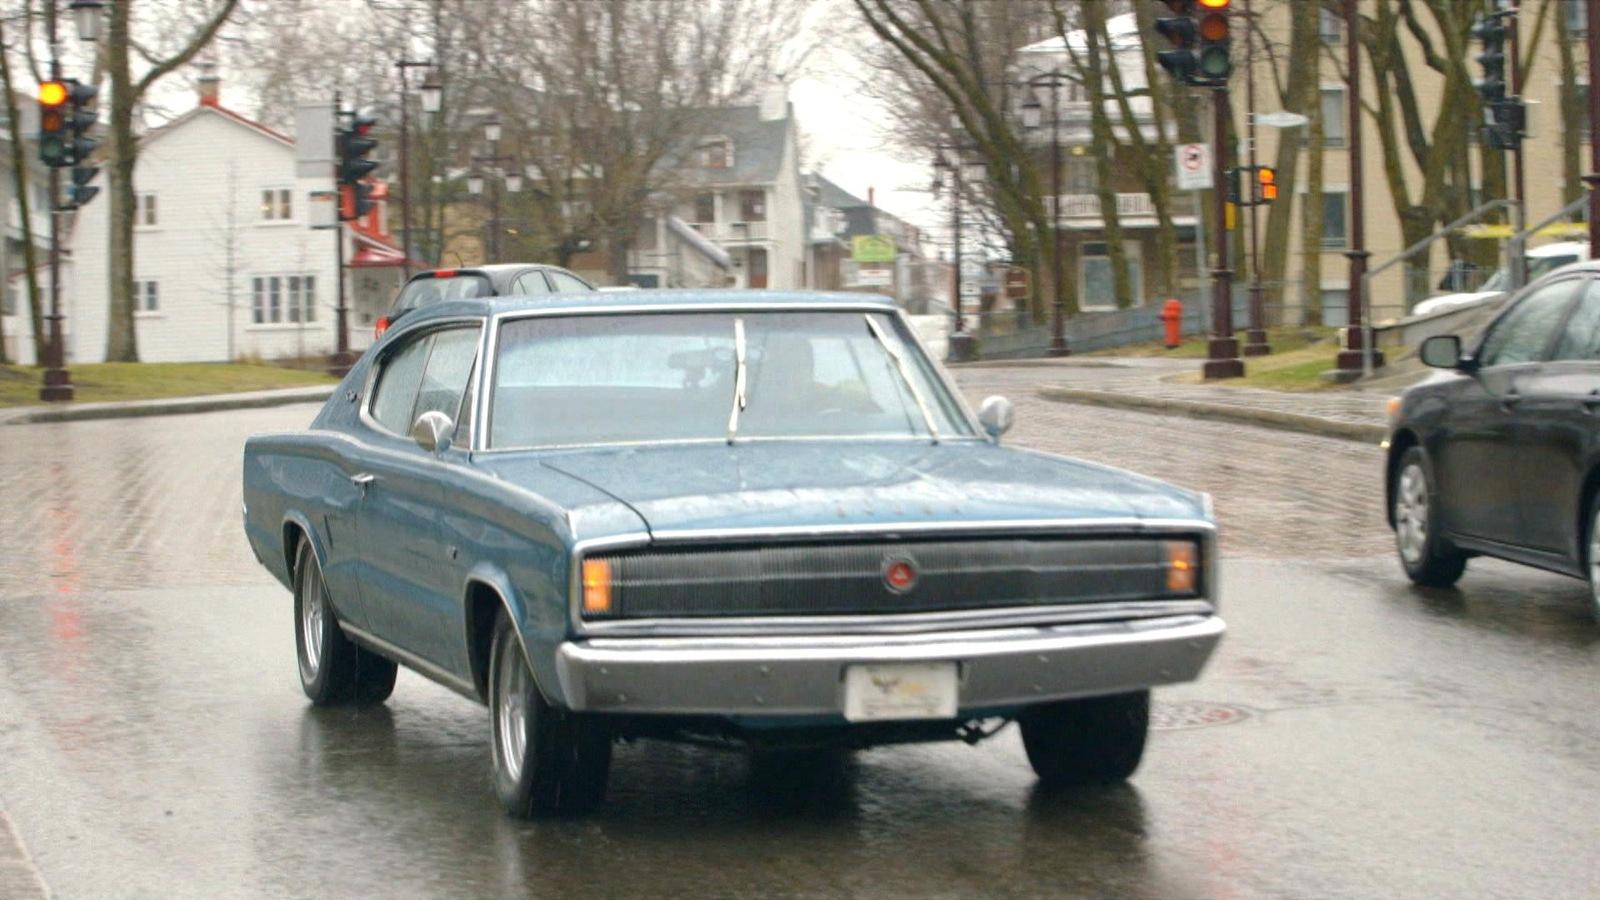 Une voiture de collection roule dans la rue sur une chaussée mouillée.